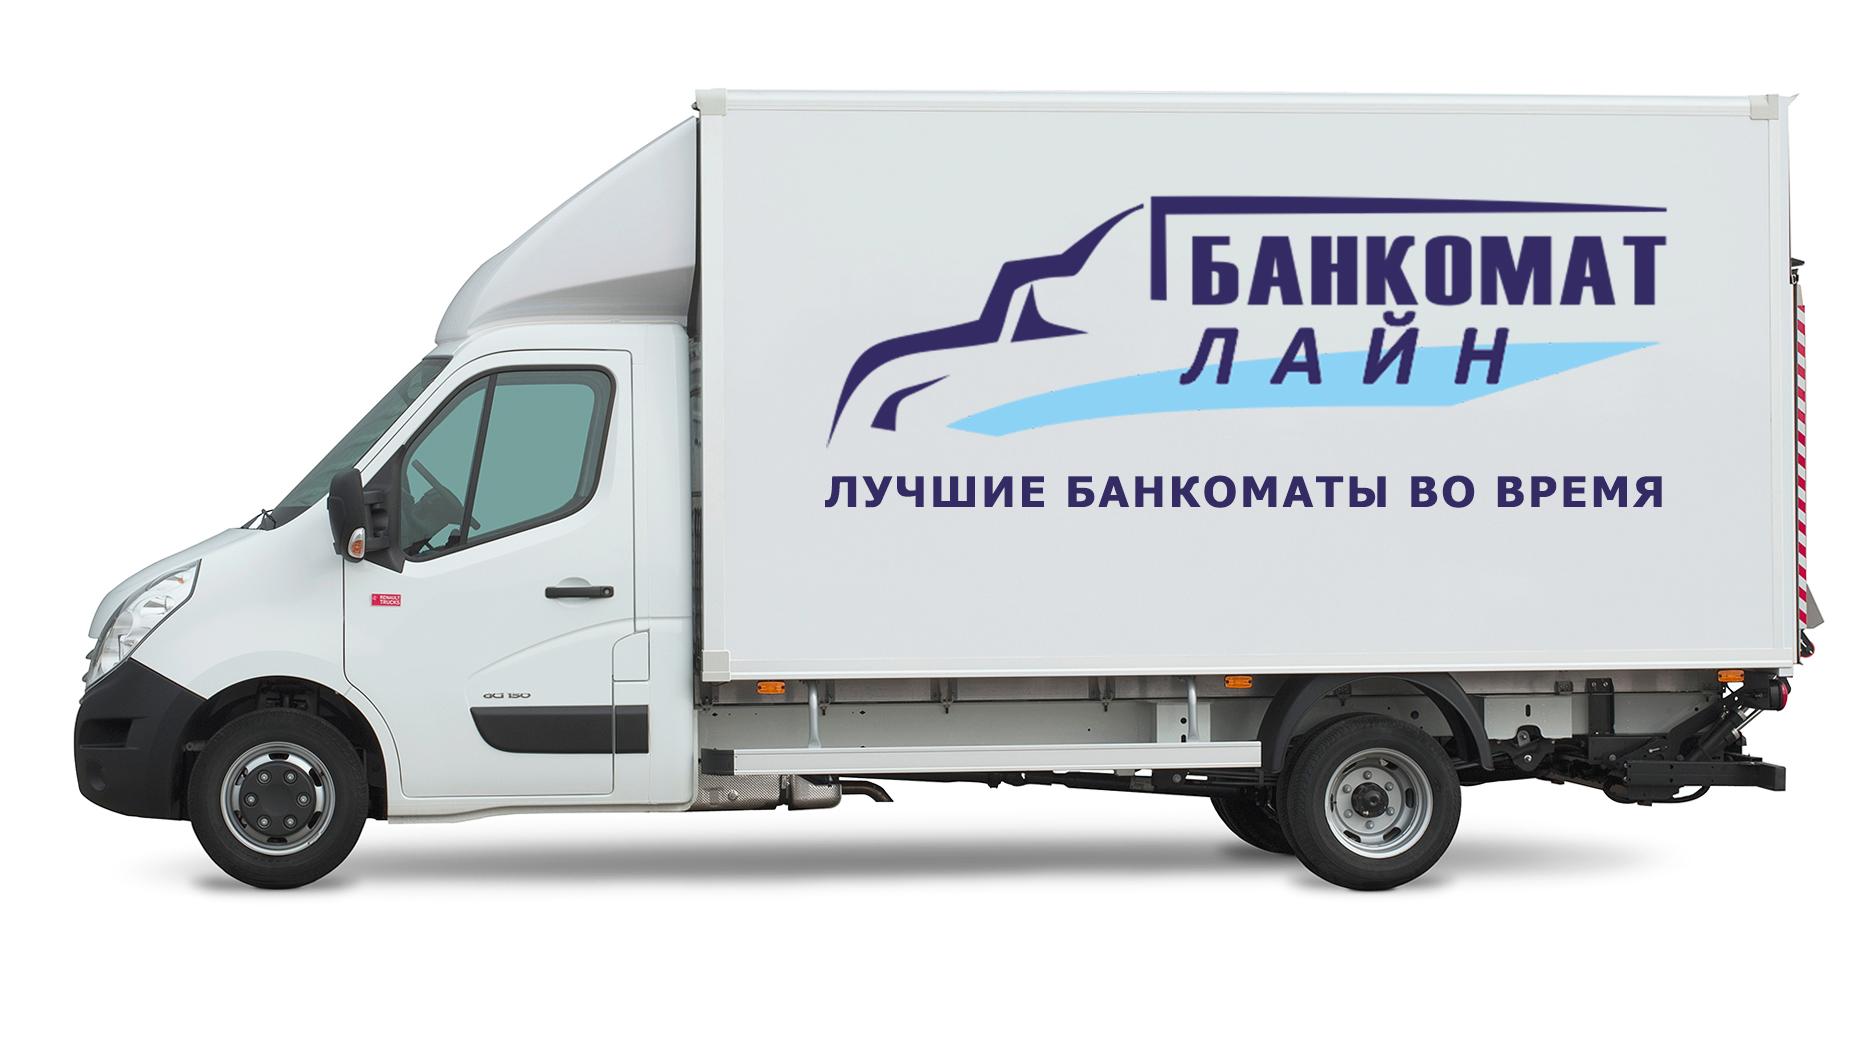 Разработка логотипа и слогана для транспортной компании фото f_4475878f2057c20f.jpg